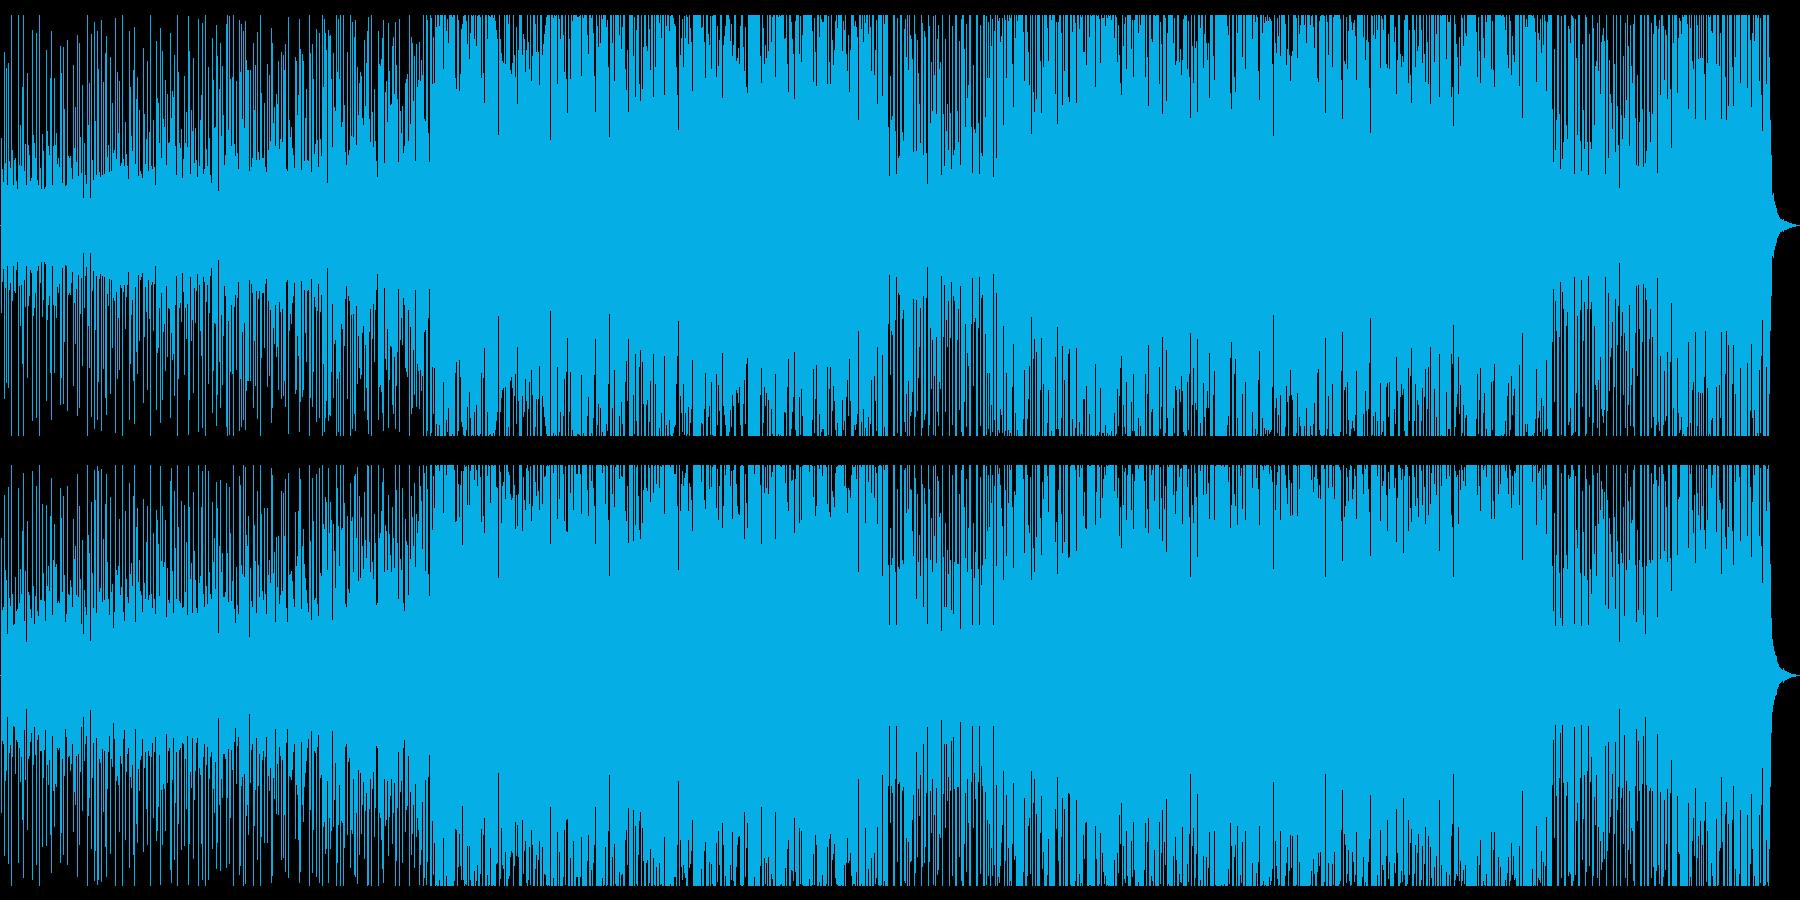 スペインをイメージしたマリアッチ風EDMの再生済みの波形